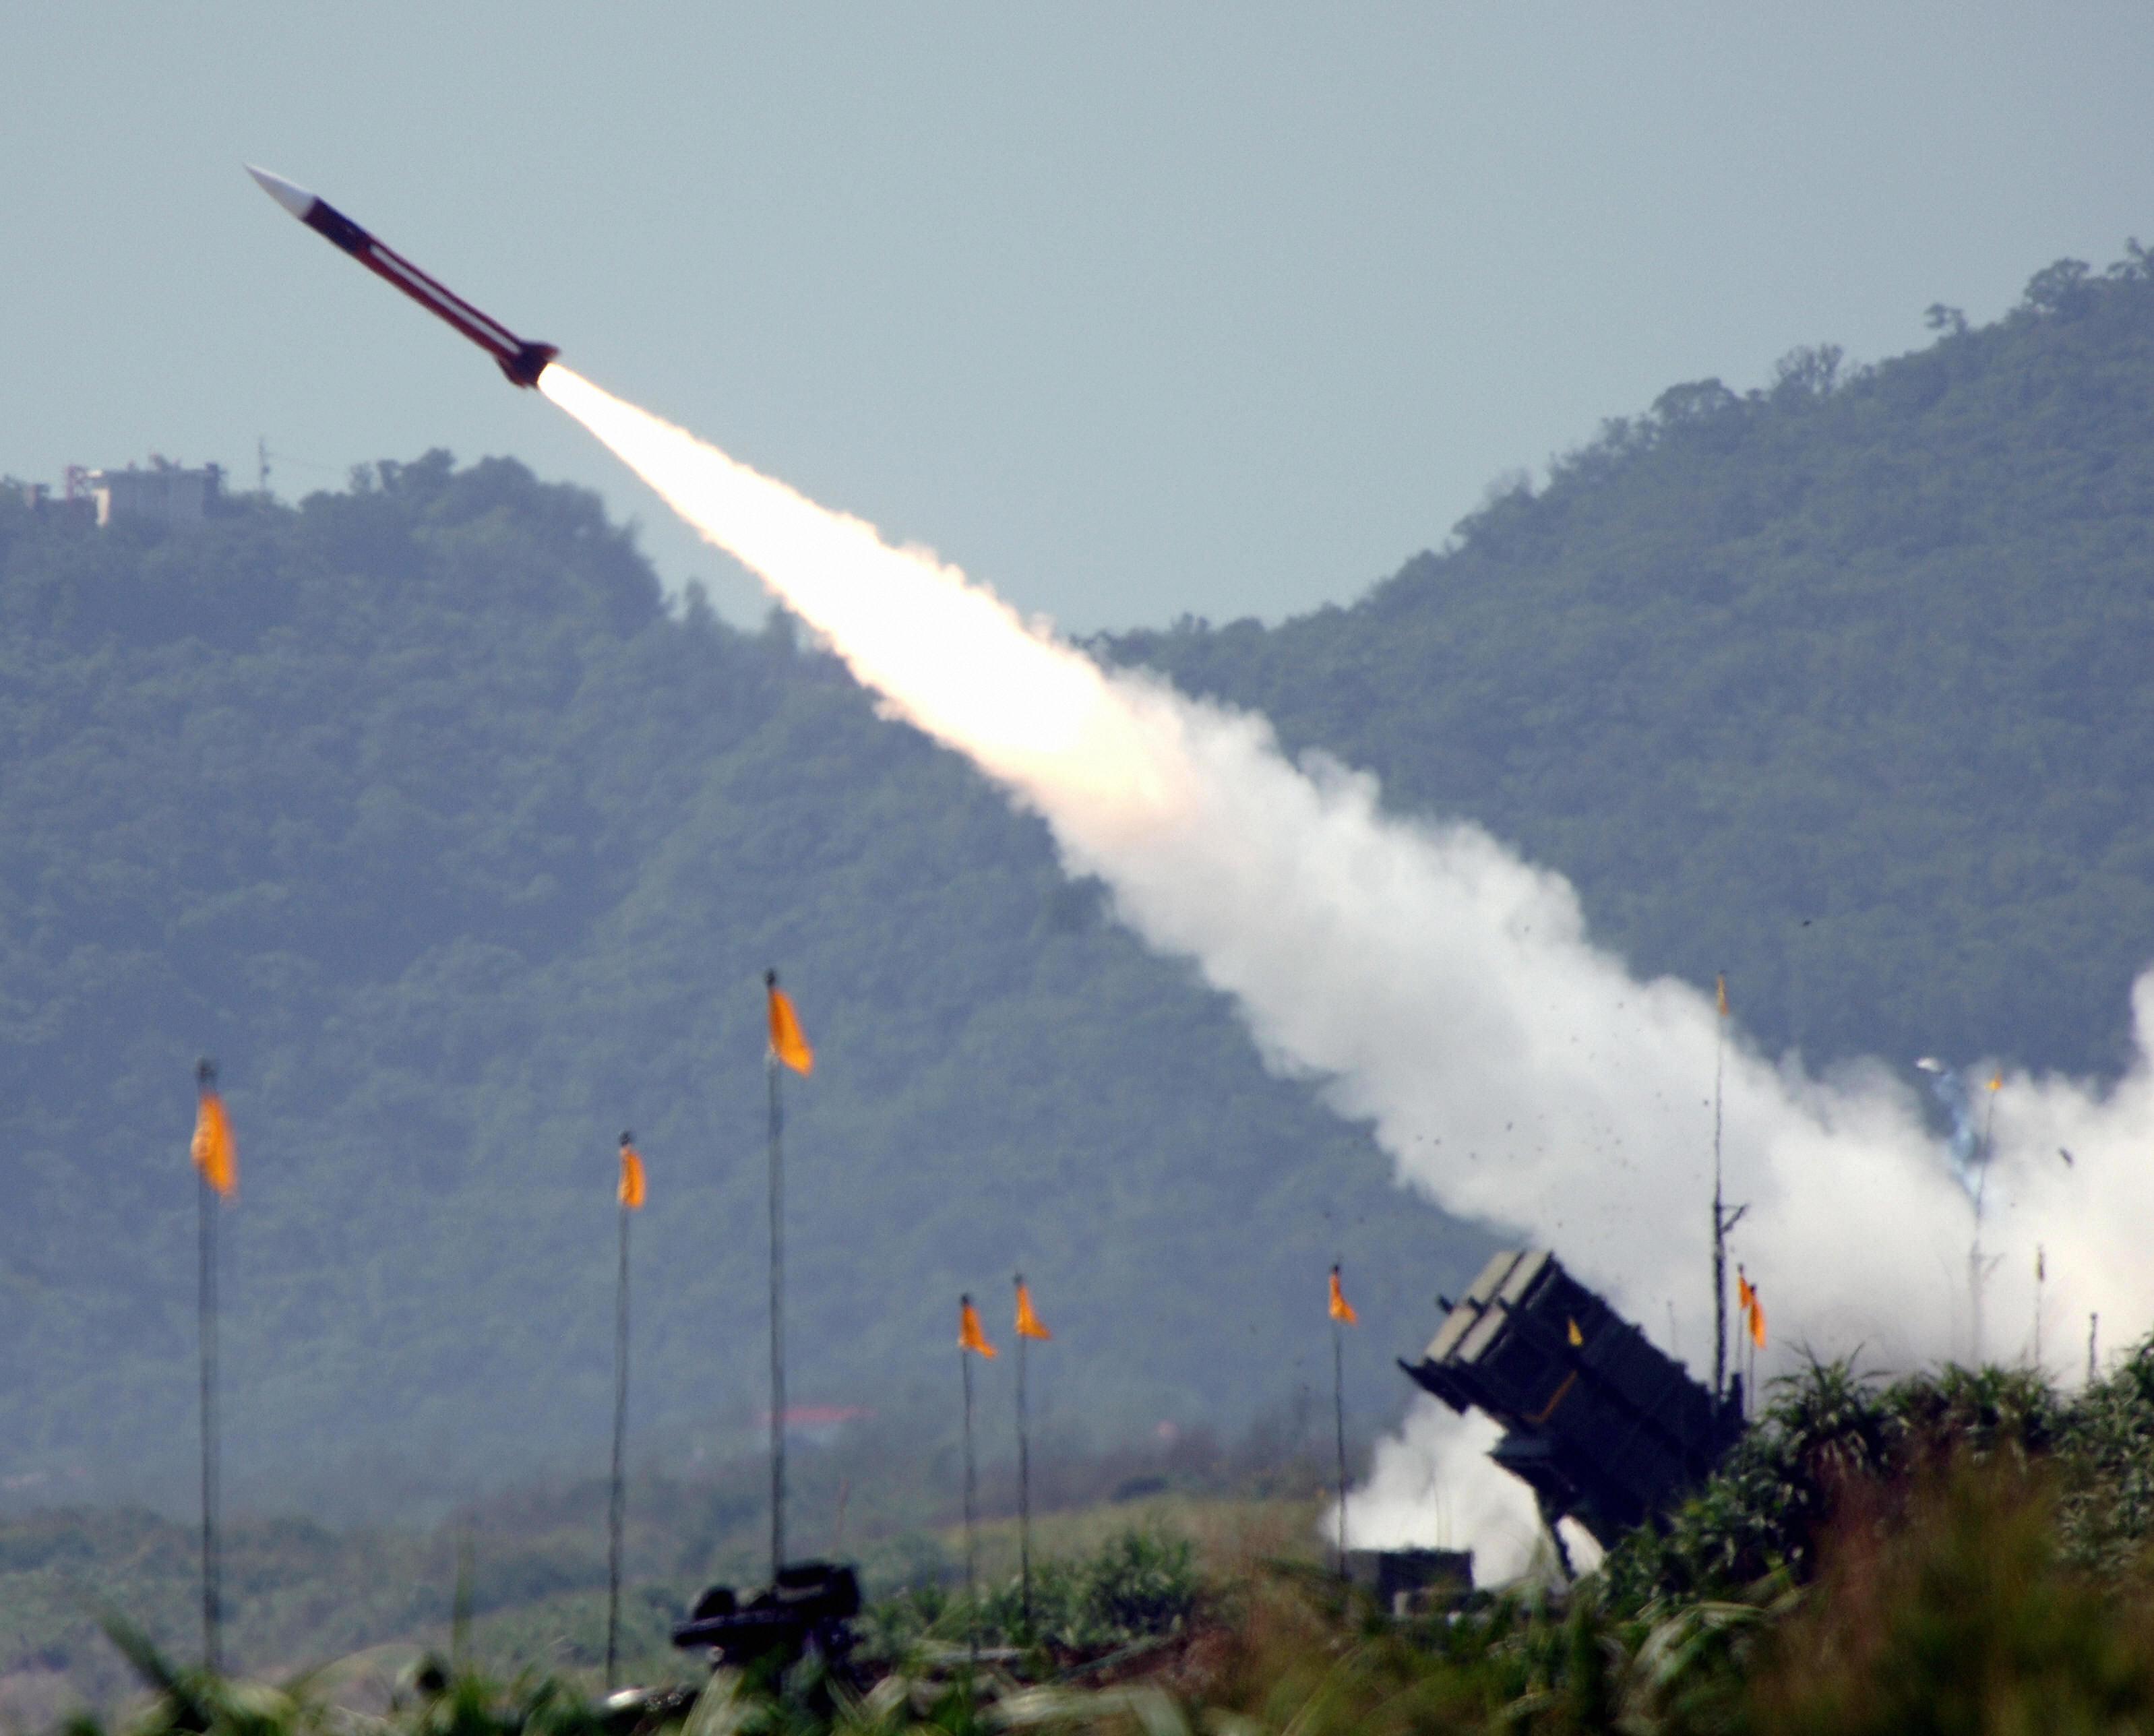 美軍火商獲900萬美元合約 援台愛國者導彈